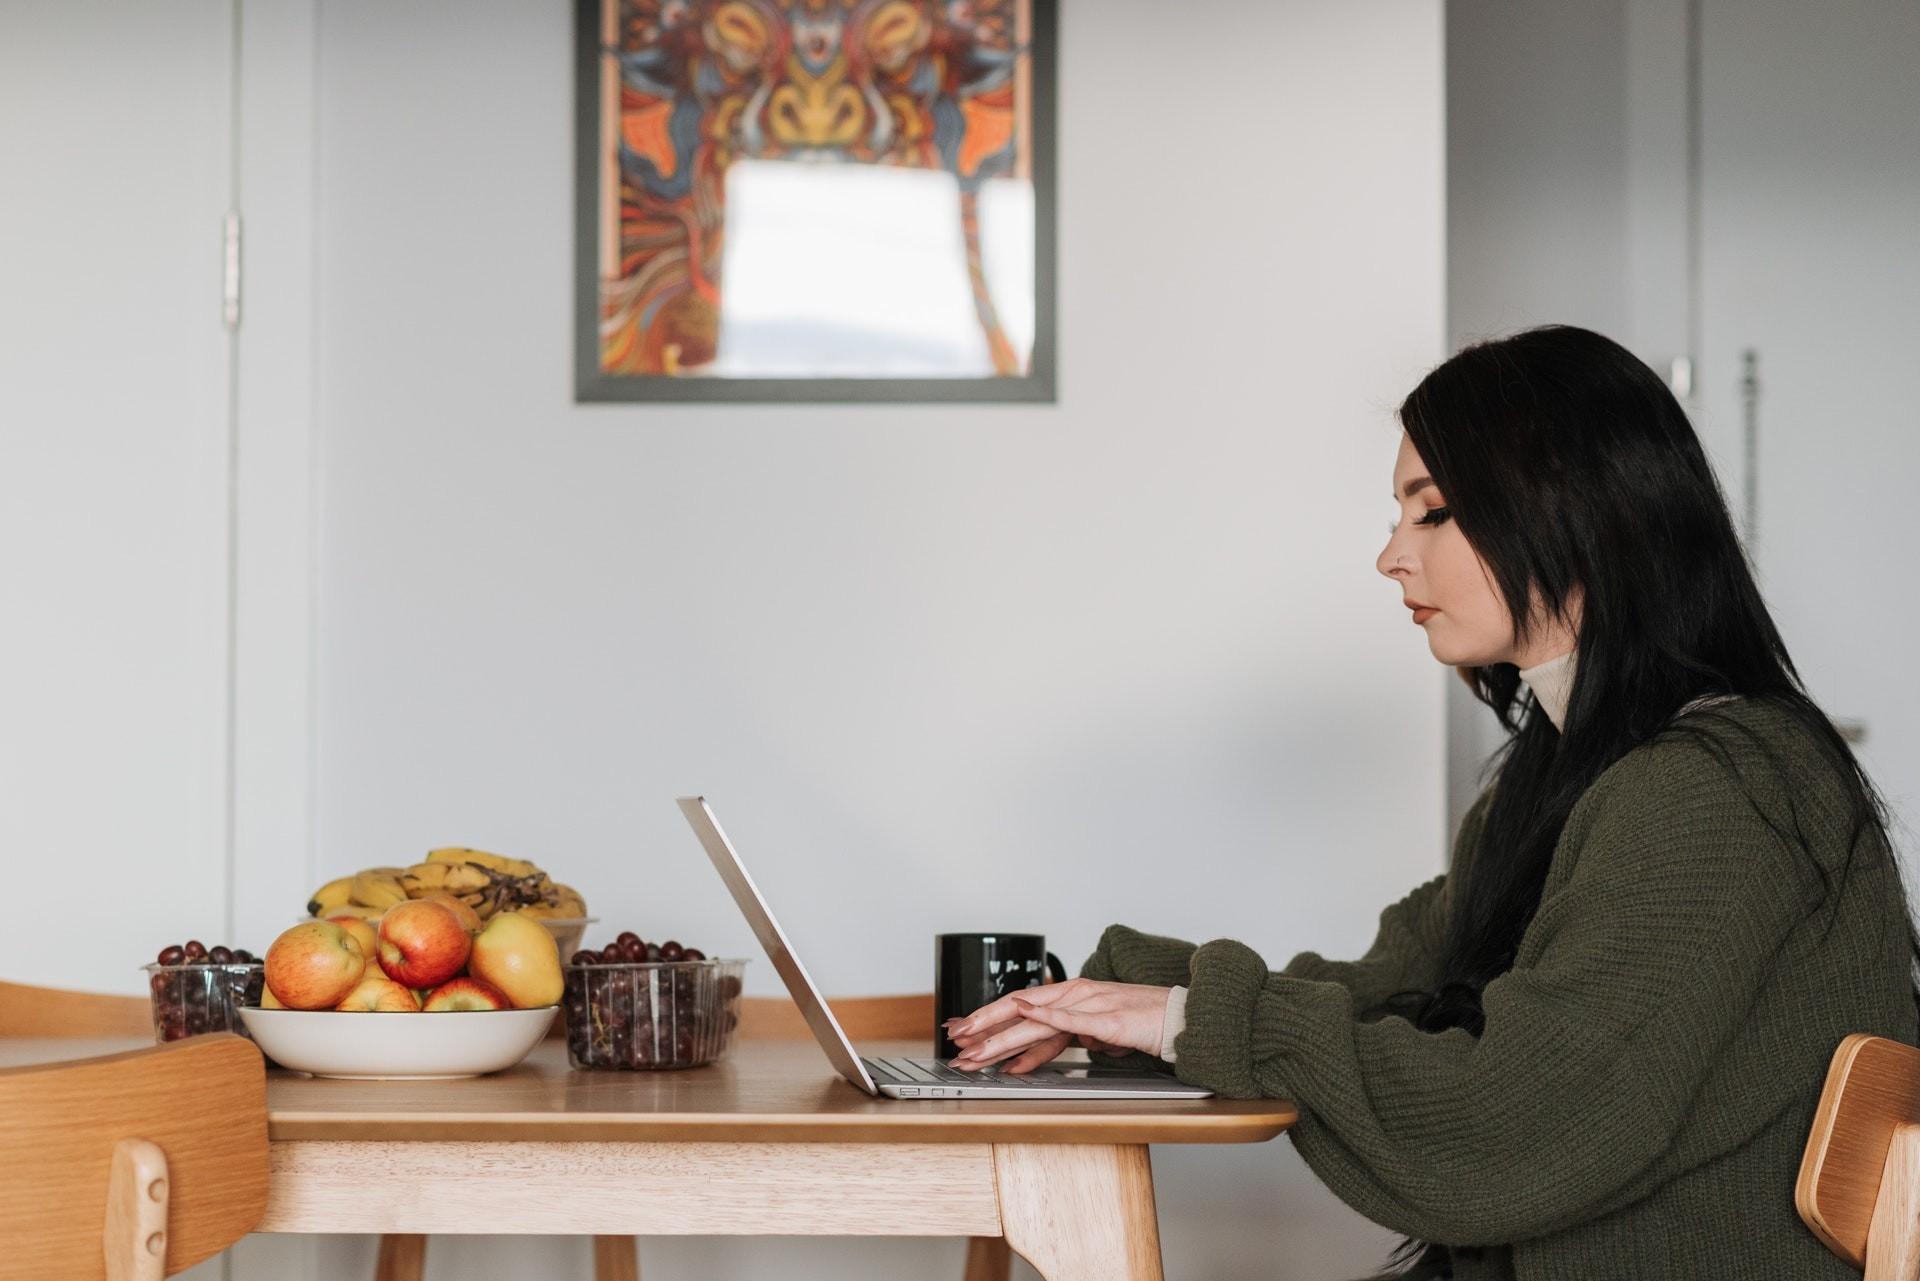 Menos de 20% dos profissionais têm auxílio da empresa para pagar luz, internet e telefone no home office, diz pesquisa